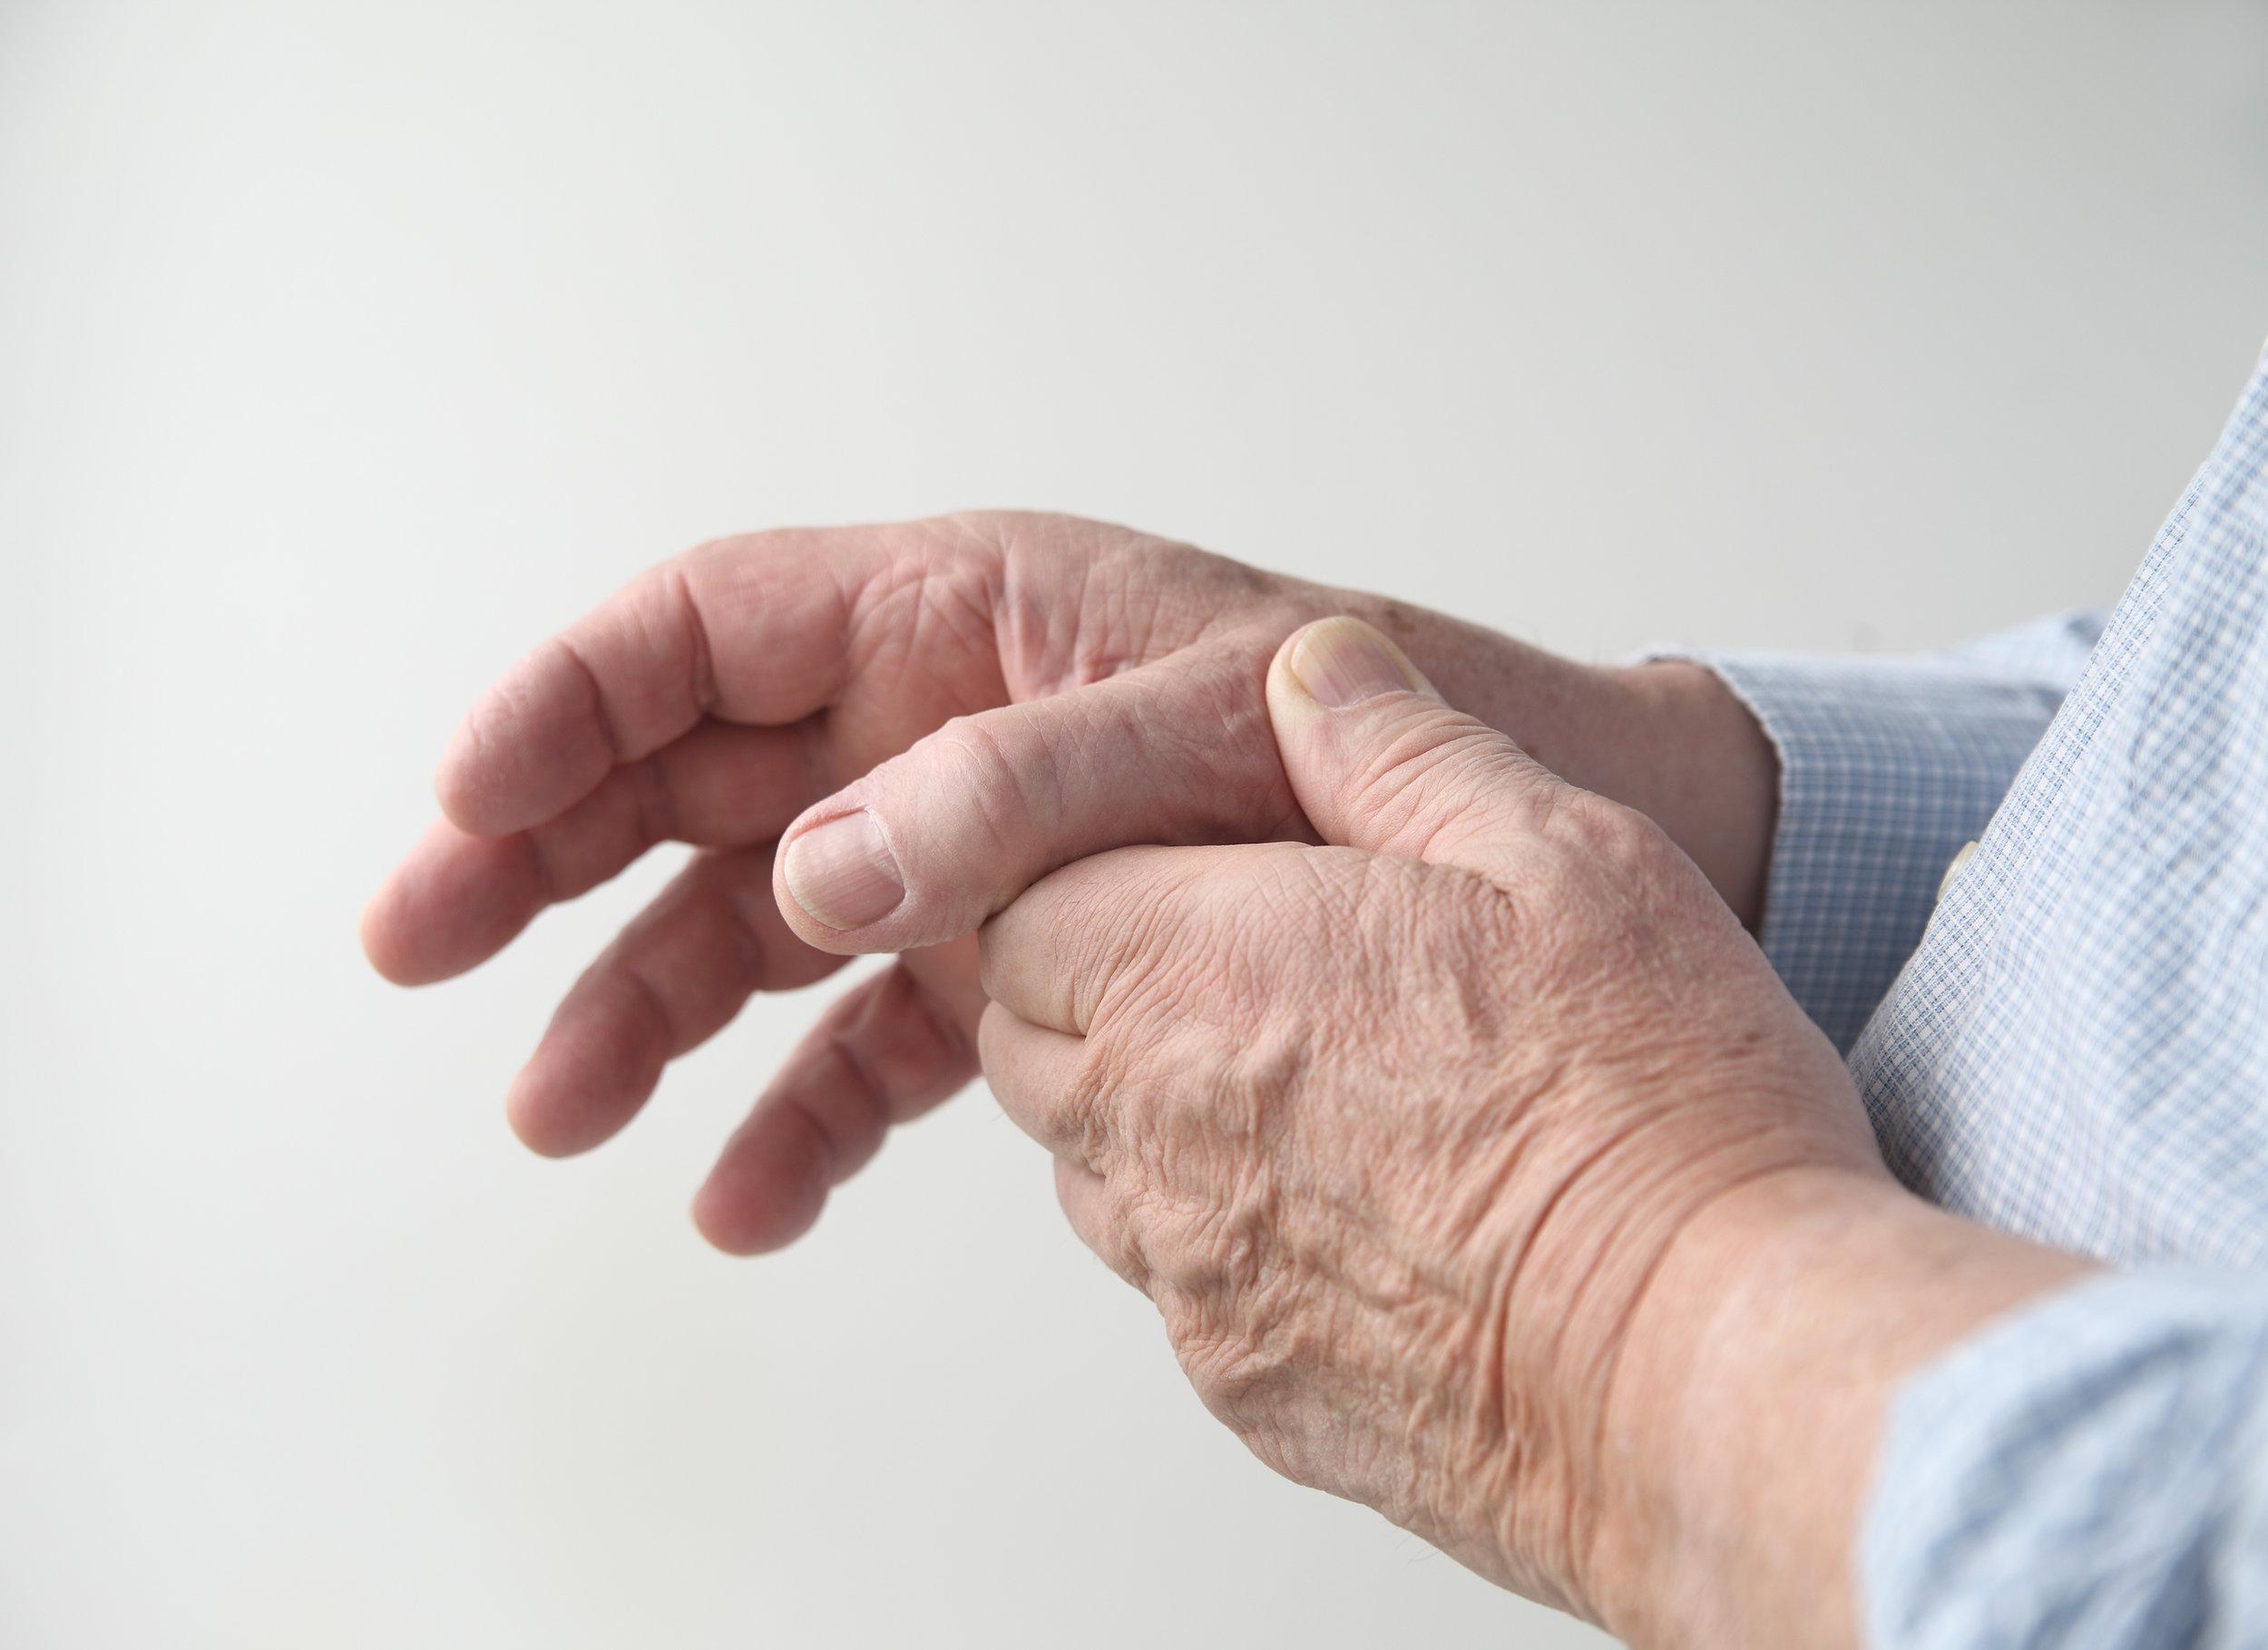 Thumb OA.jpeg